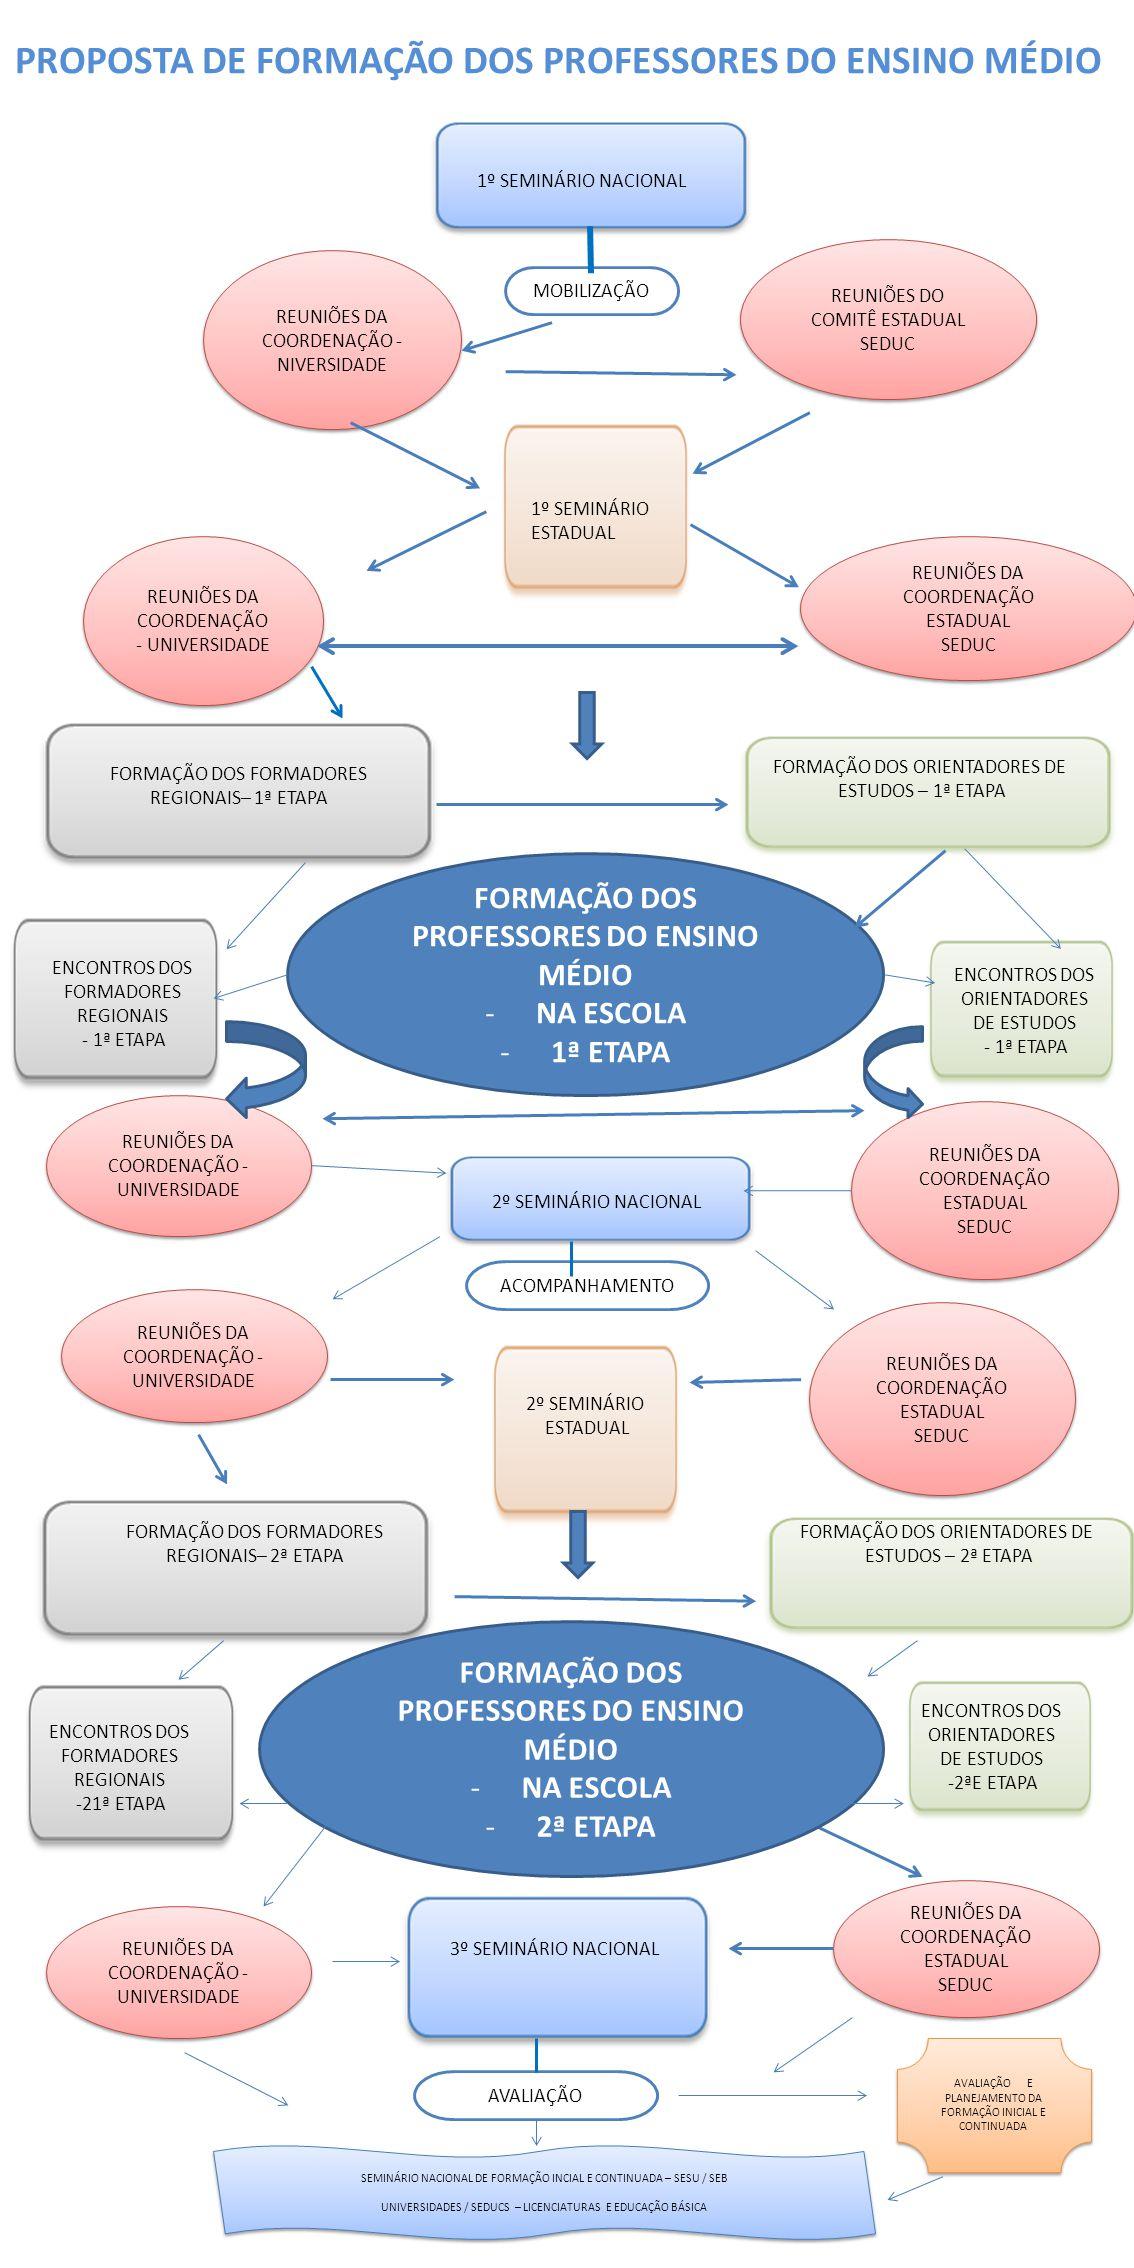 PROPOSTA DE FORMAÇÃO DOS PROFESSORES DO ENSINO MÉDIO